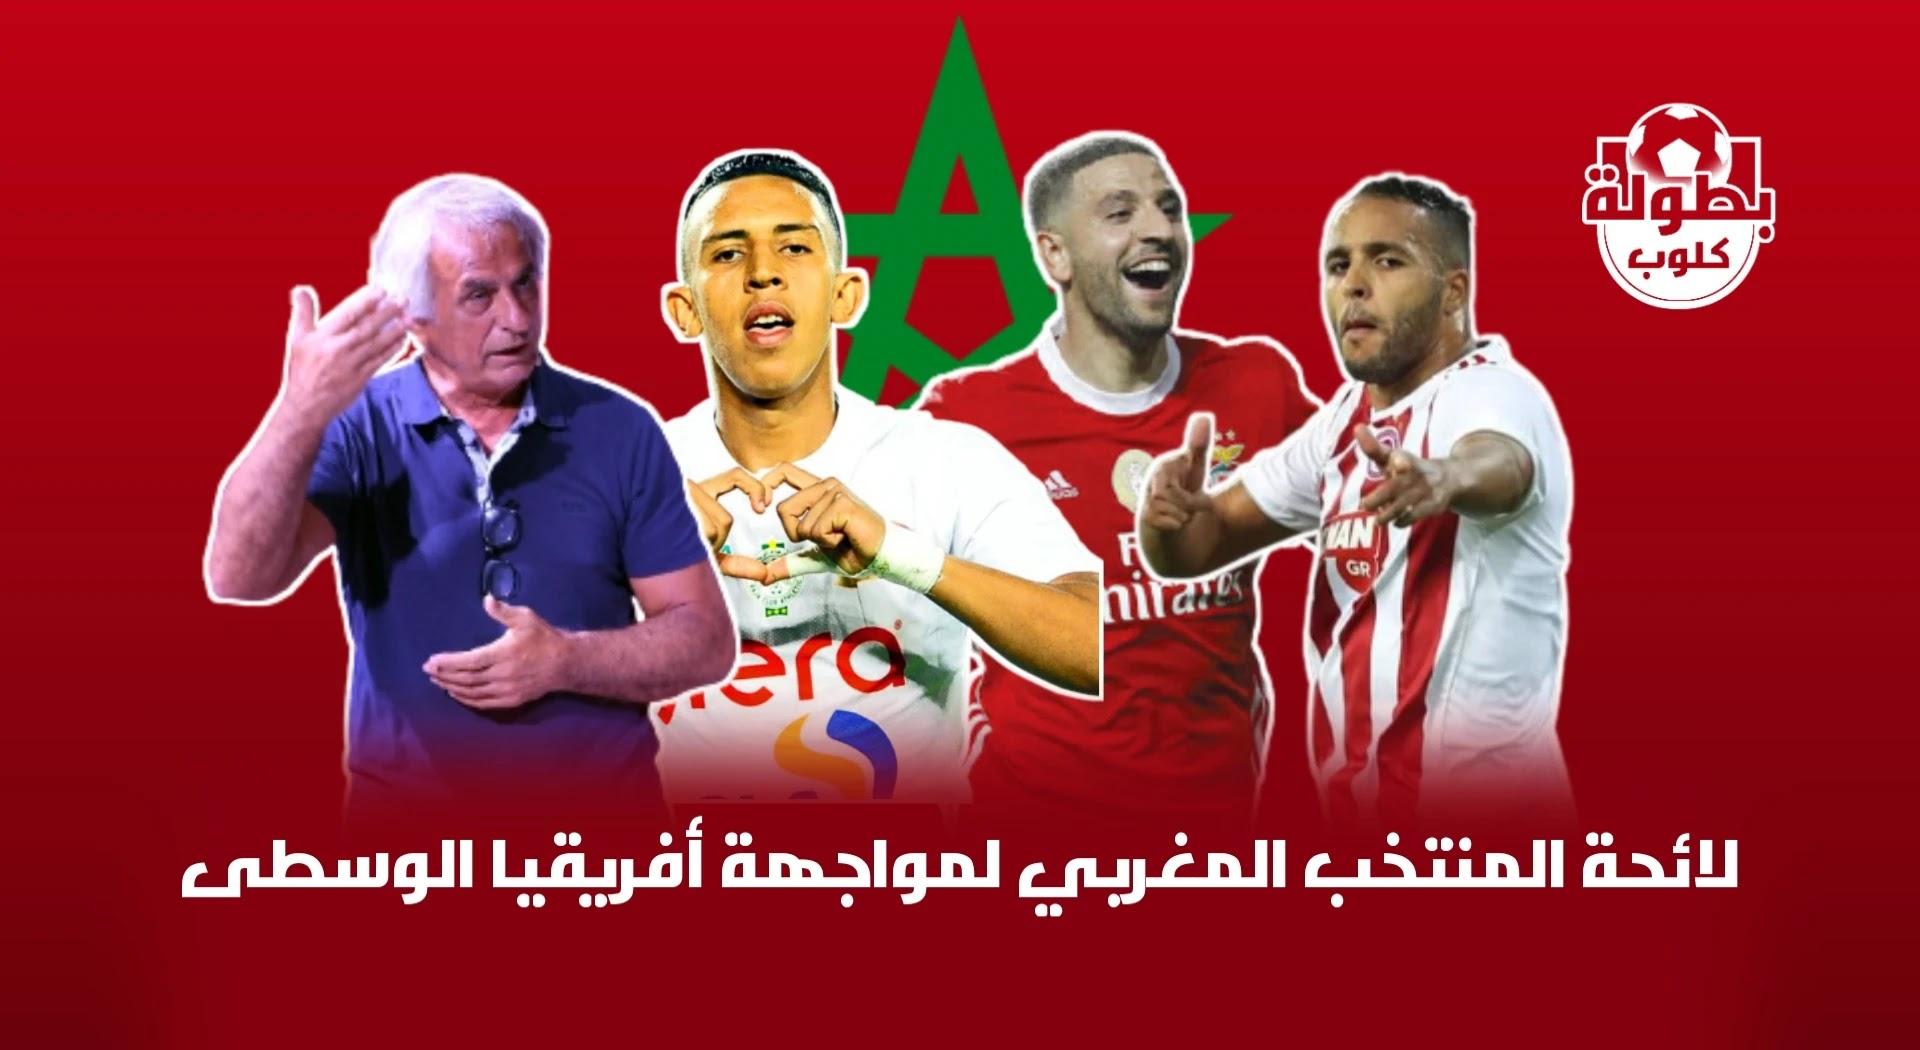 لائحة المنتخب المغربي النهائية لمواجهة جمهورية إفريقيا الوسطى